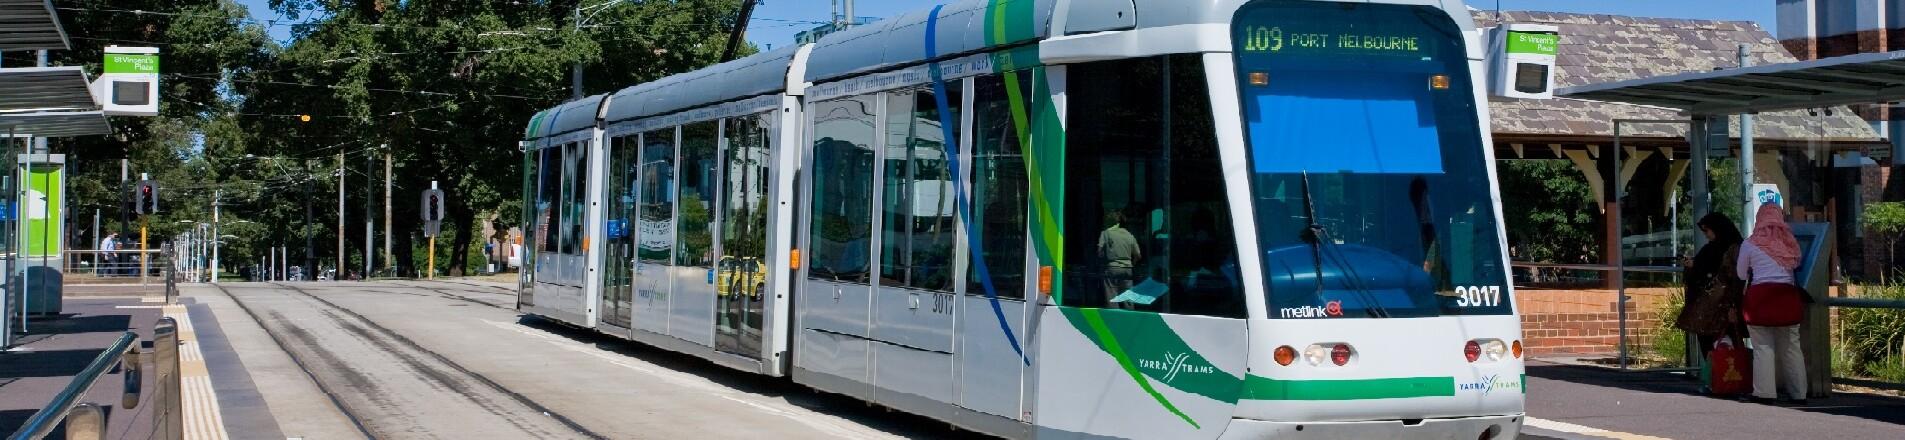 Department for Transport - Mentoring visit